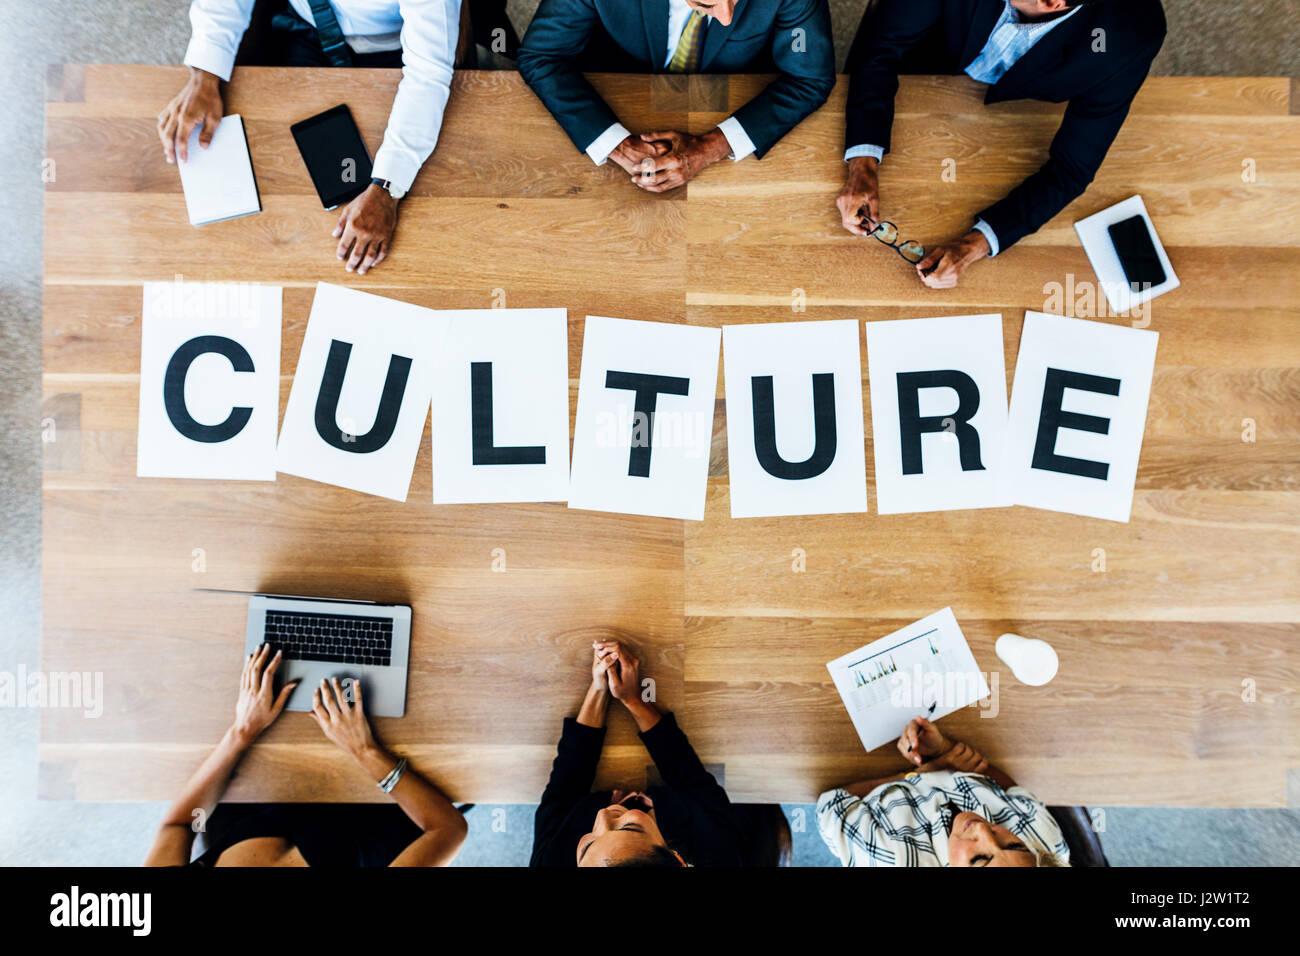 Draufsicht von Geschäftsleuten mit Wort Kultur auf Tisch. Geschäftsleute, ein Treffen und diskutieren Stockbild